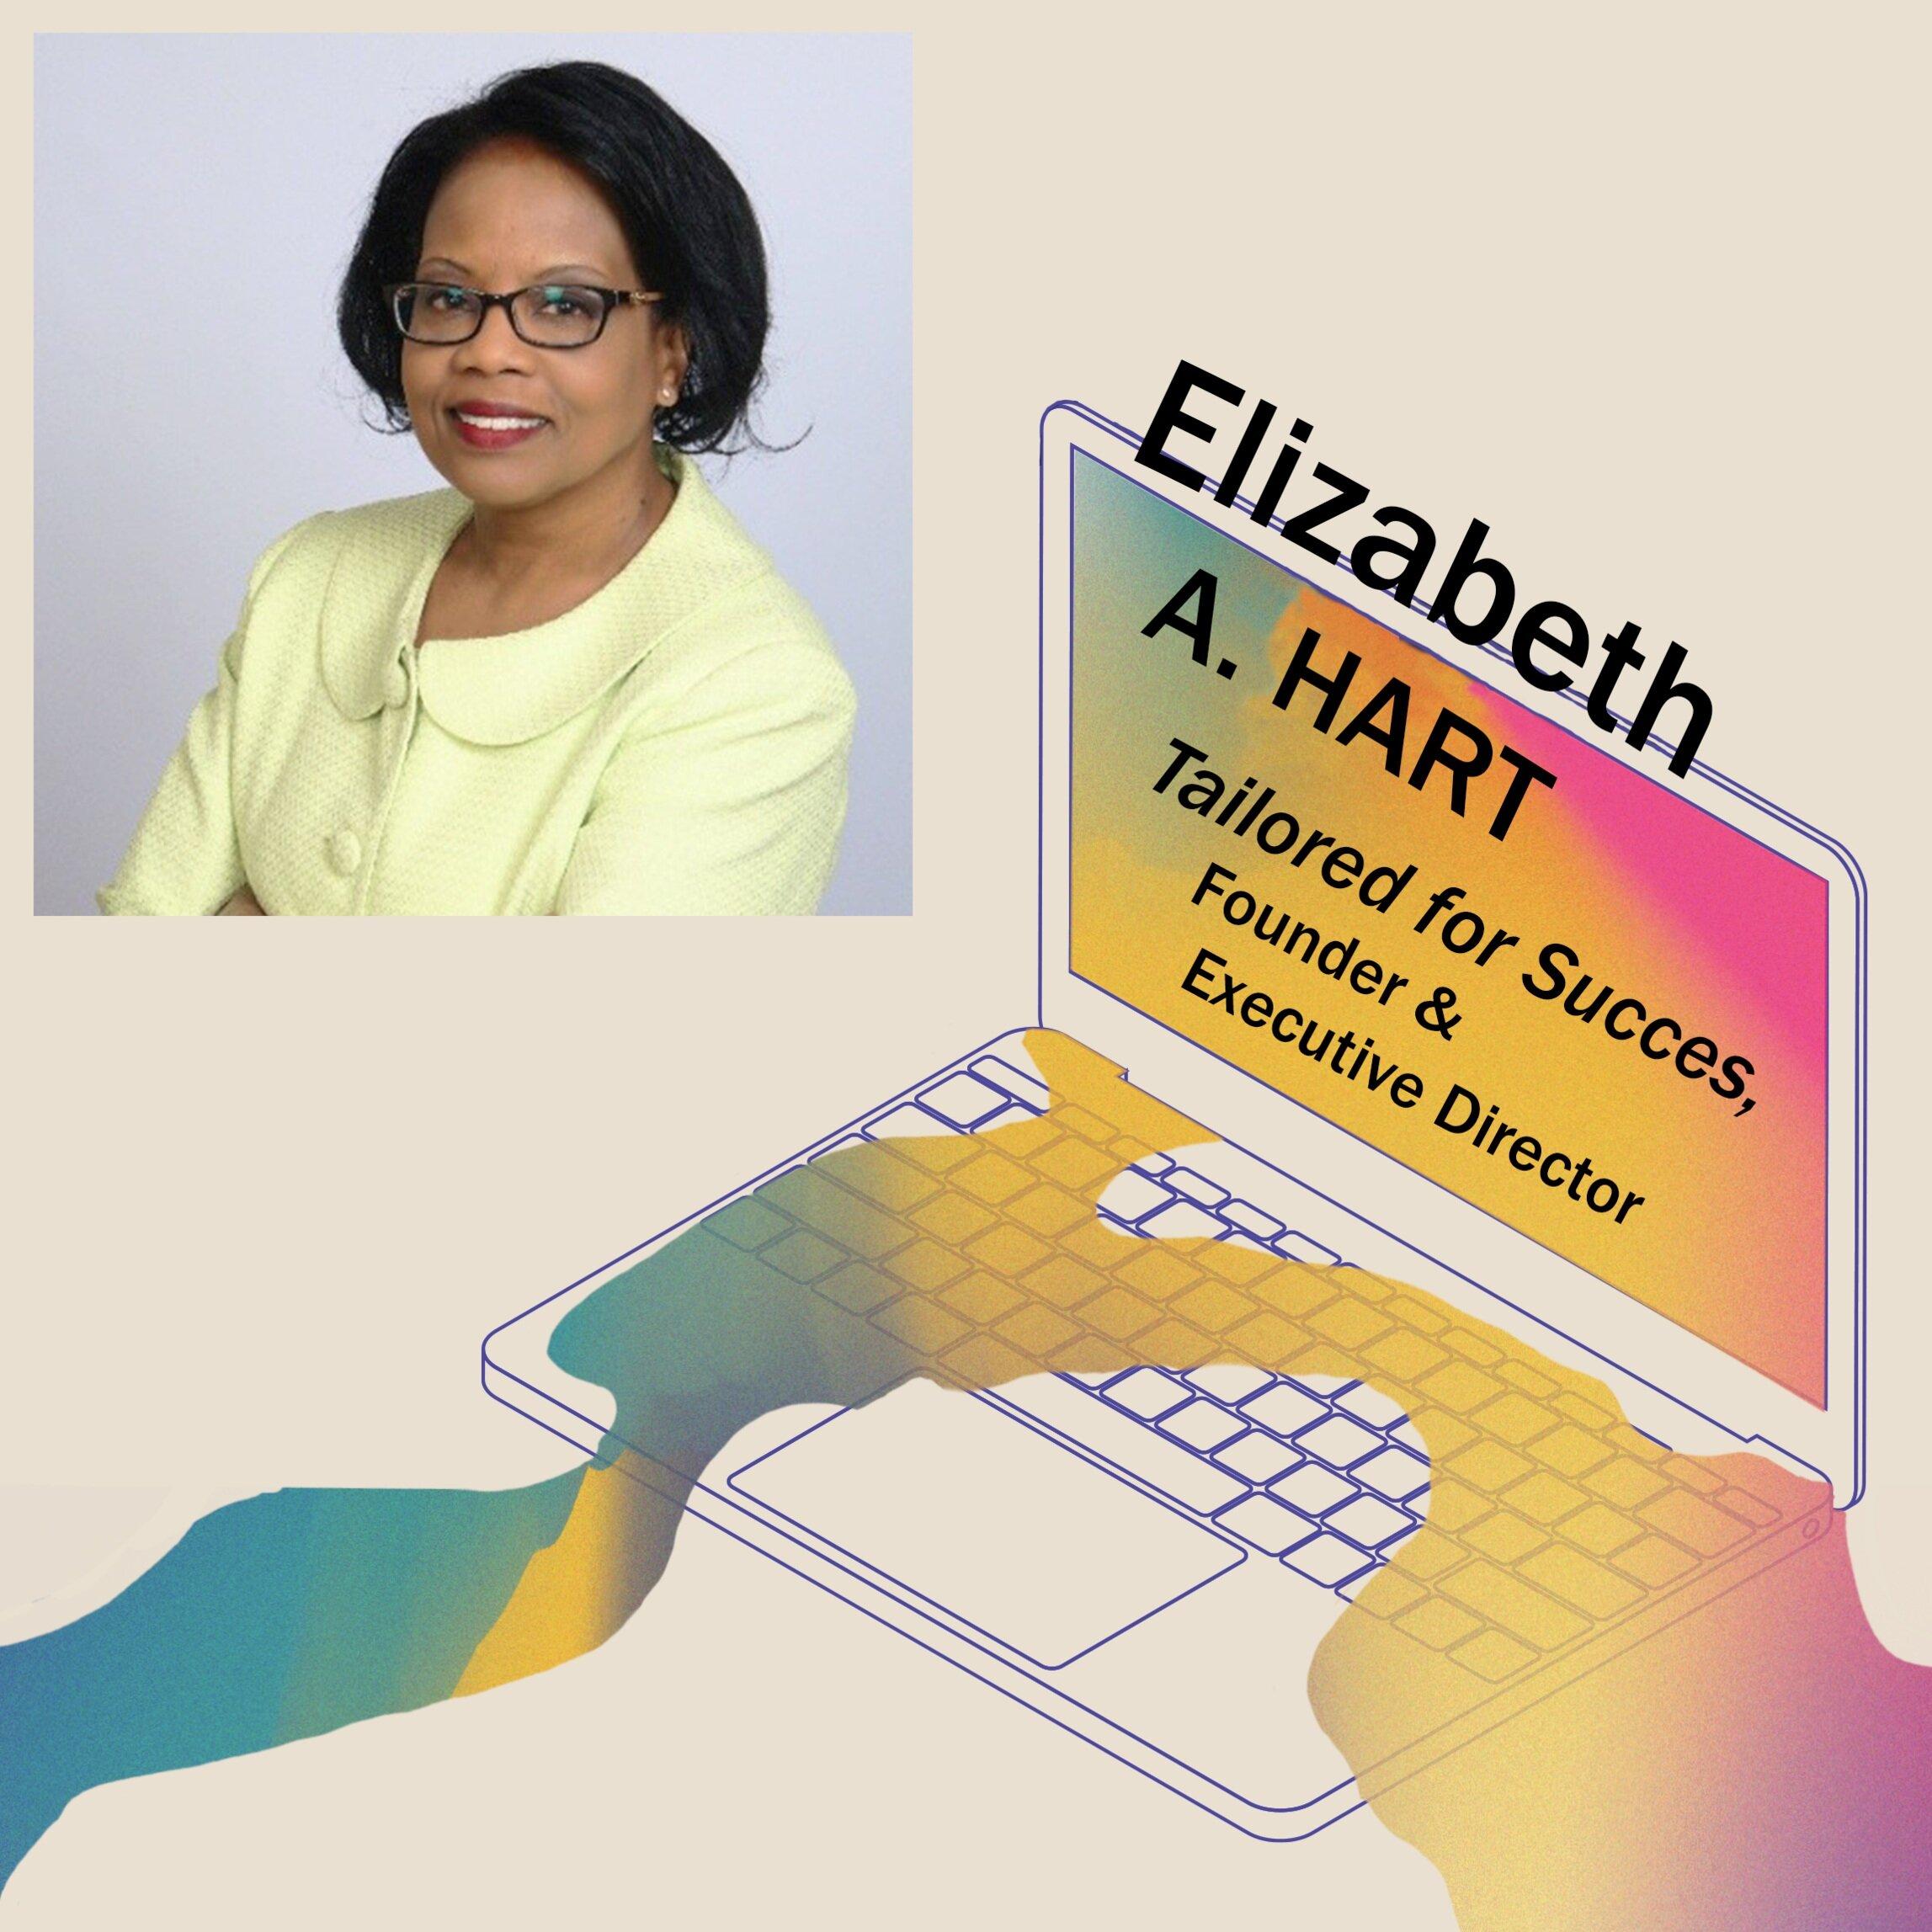 elizabethhart.png